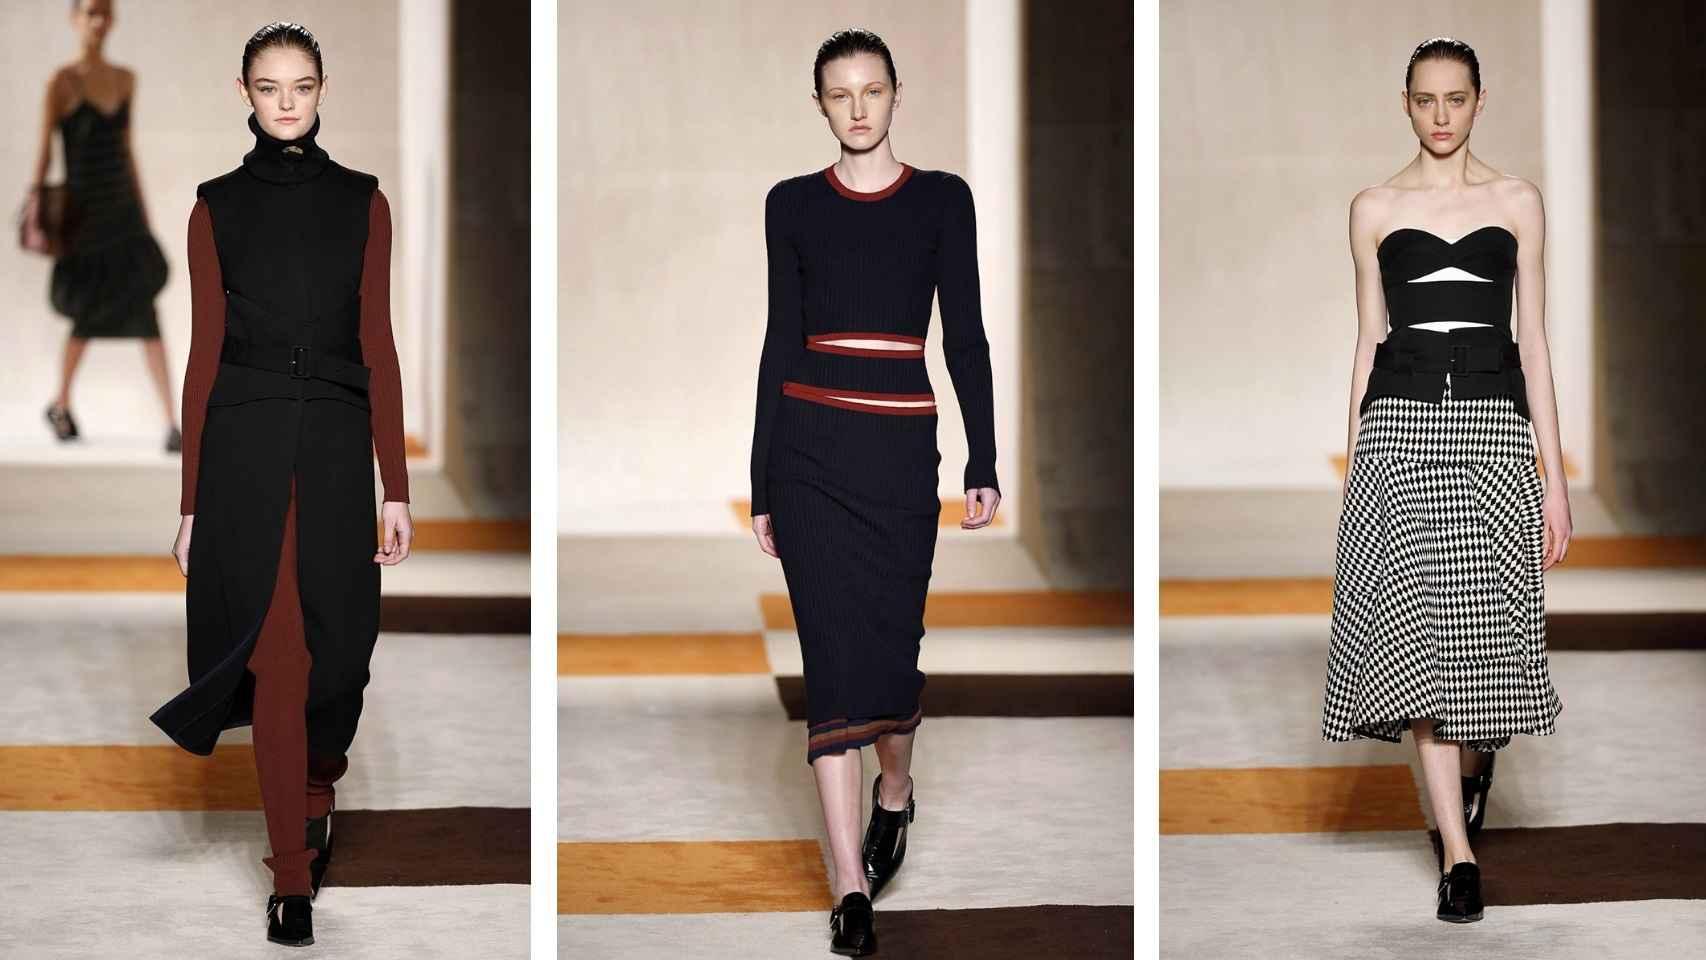 Modelos de Victoria Beckham para la Colección Otoño-Invierno 2016/2017.